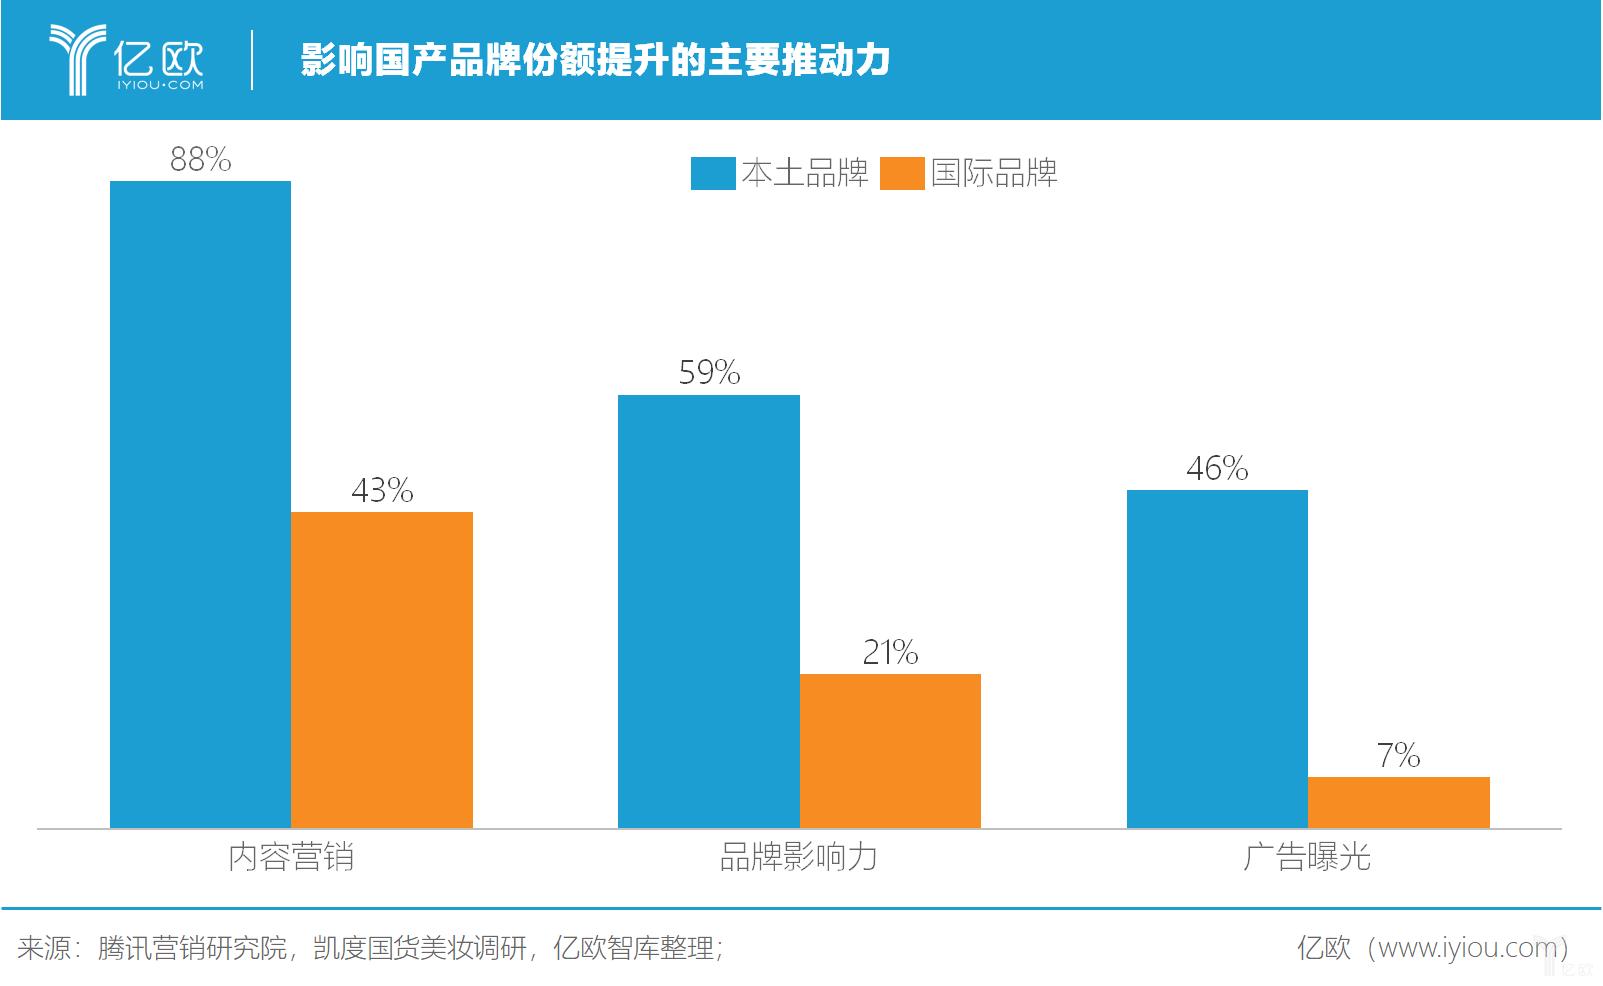 亿欧智库:影响国产品牌份额提升的主要推动力